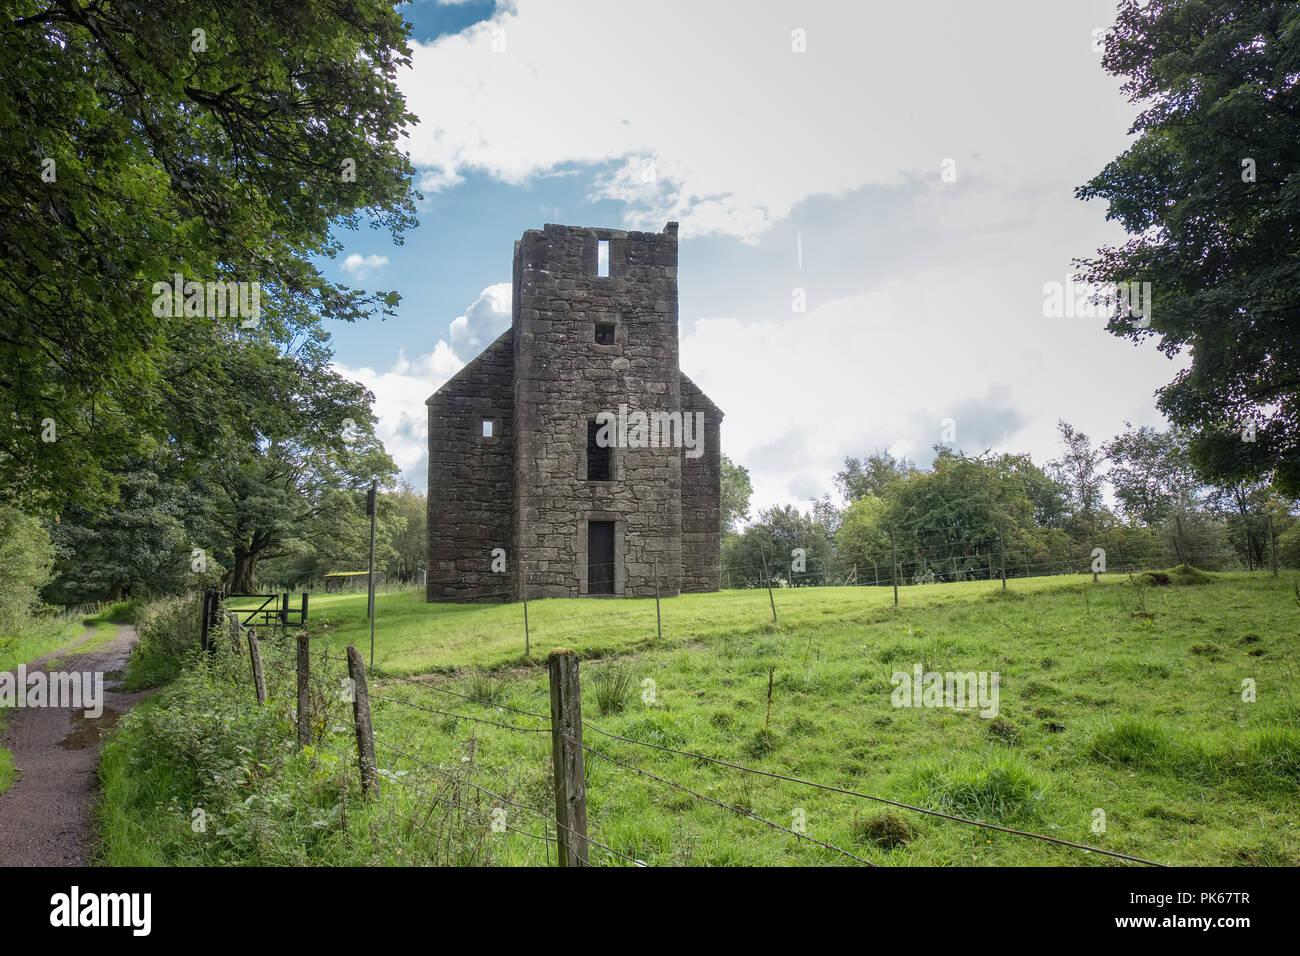 Die antiken Ruinen von Herrn Semples Stiftskirche, wo sein und seine Frauen bleibt beigesetzt sind, und die Kirche ist, sagte heimgesucht werden, Stockbild